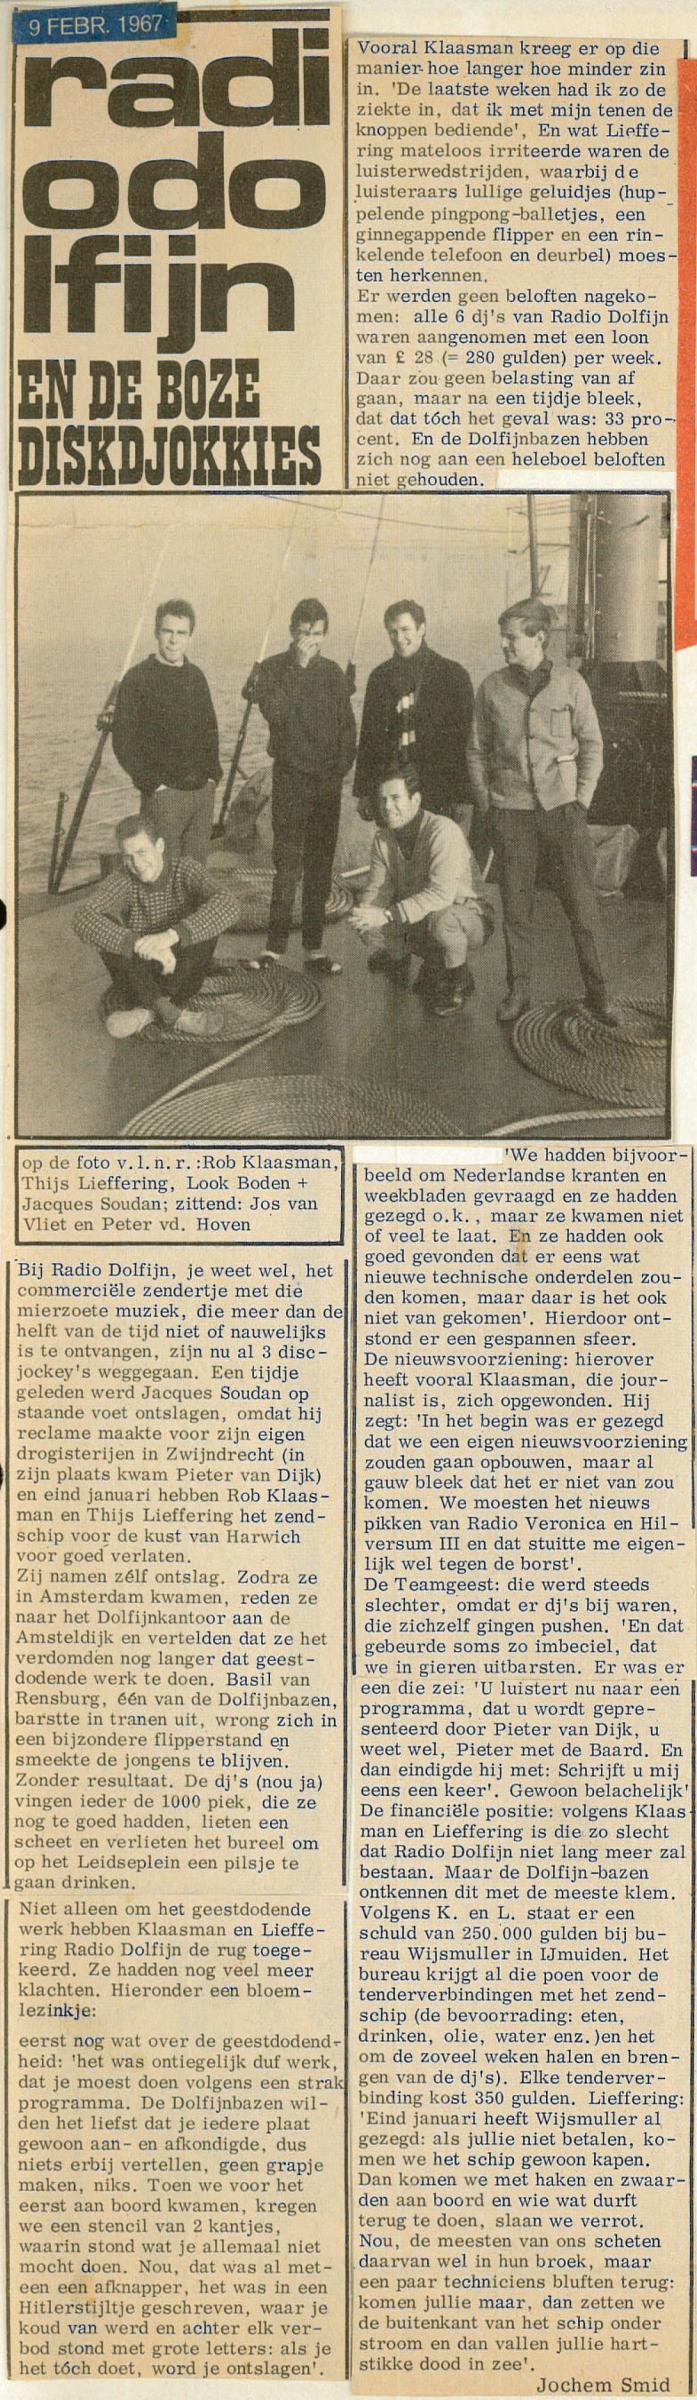 19670209 Hitweek Radio Dolfijn en de boze diskdjokkies.jpg